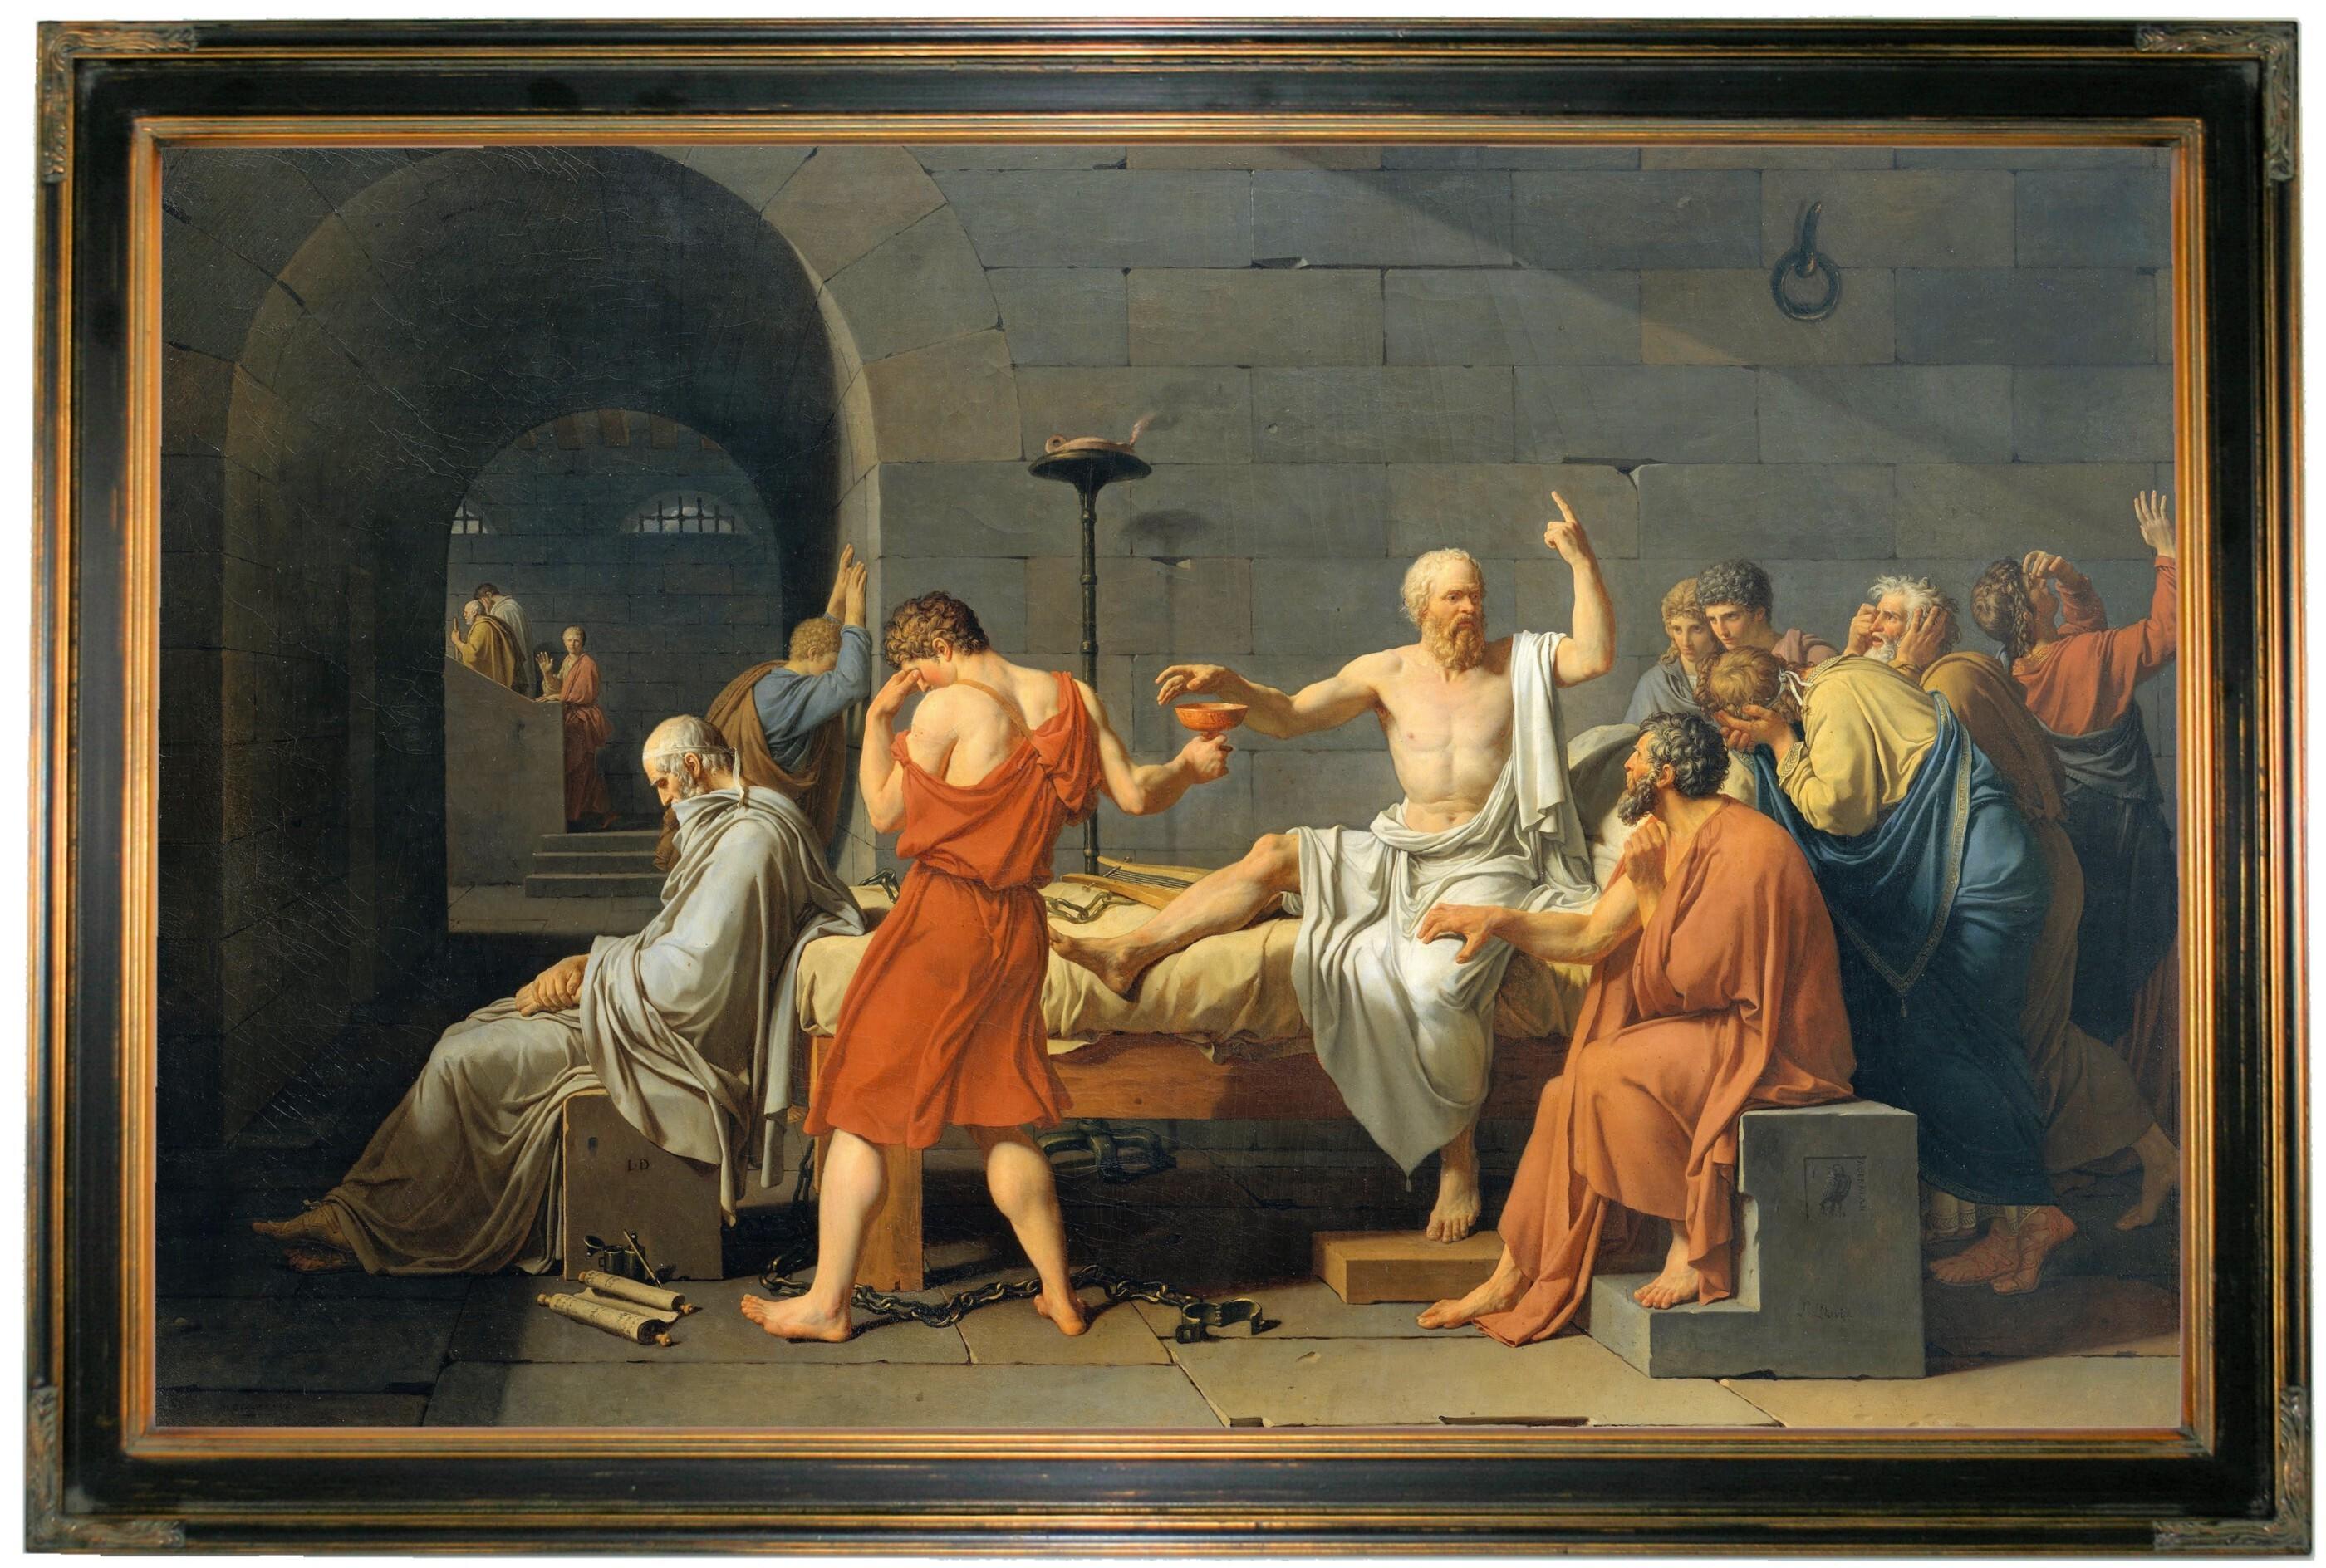 读书笔记之雅典民主制